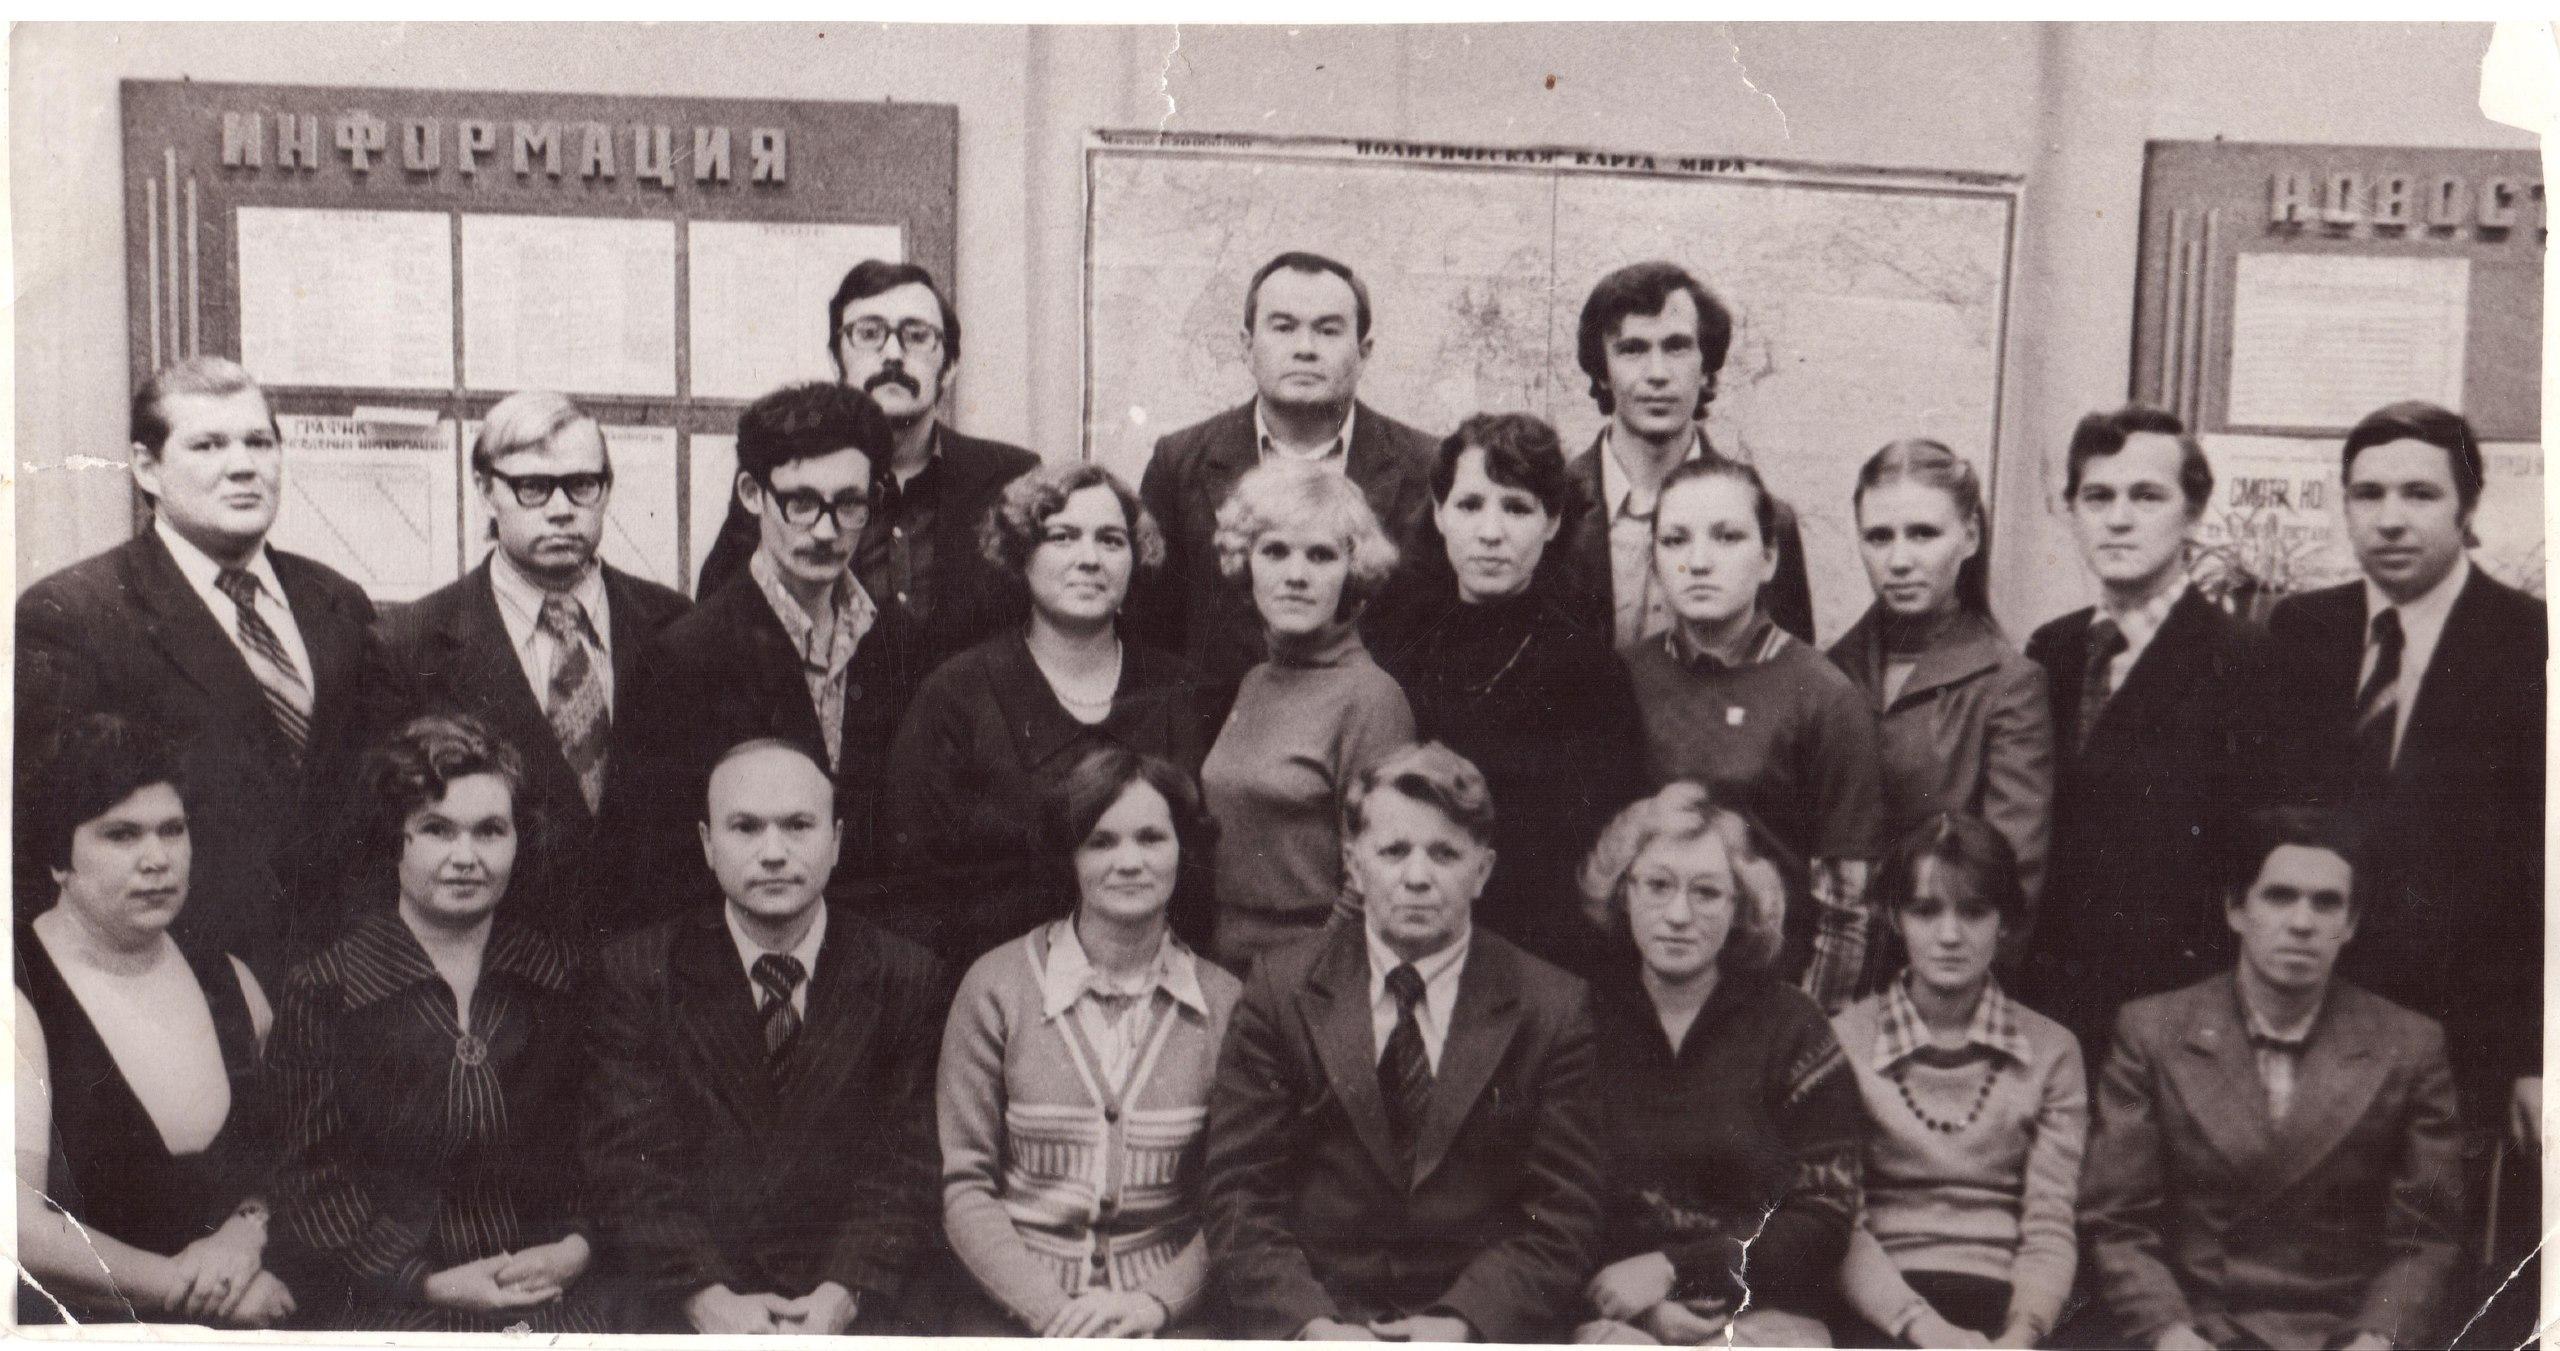 1980. ТБ-35 Завод им. Свердлова